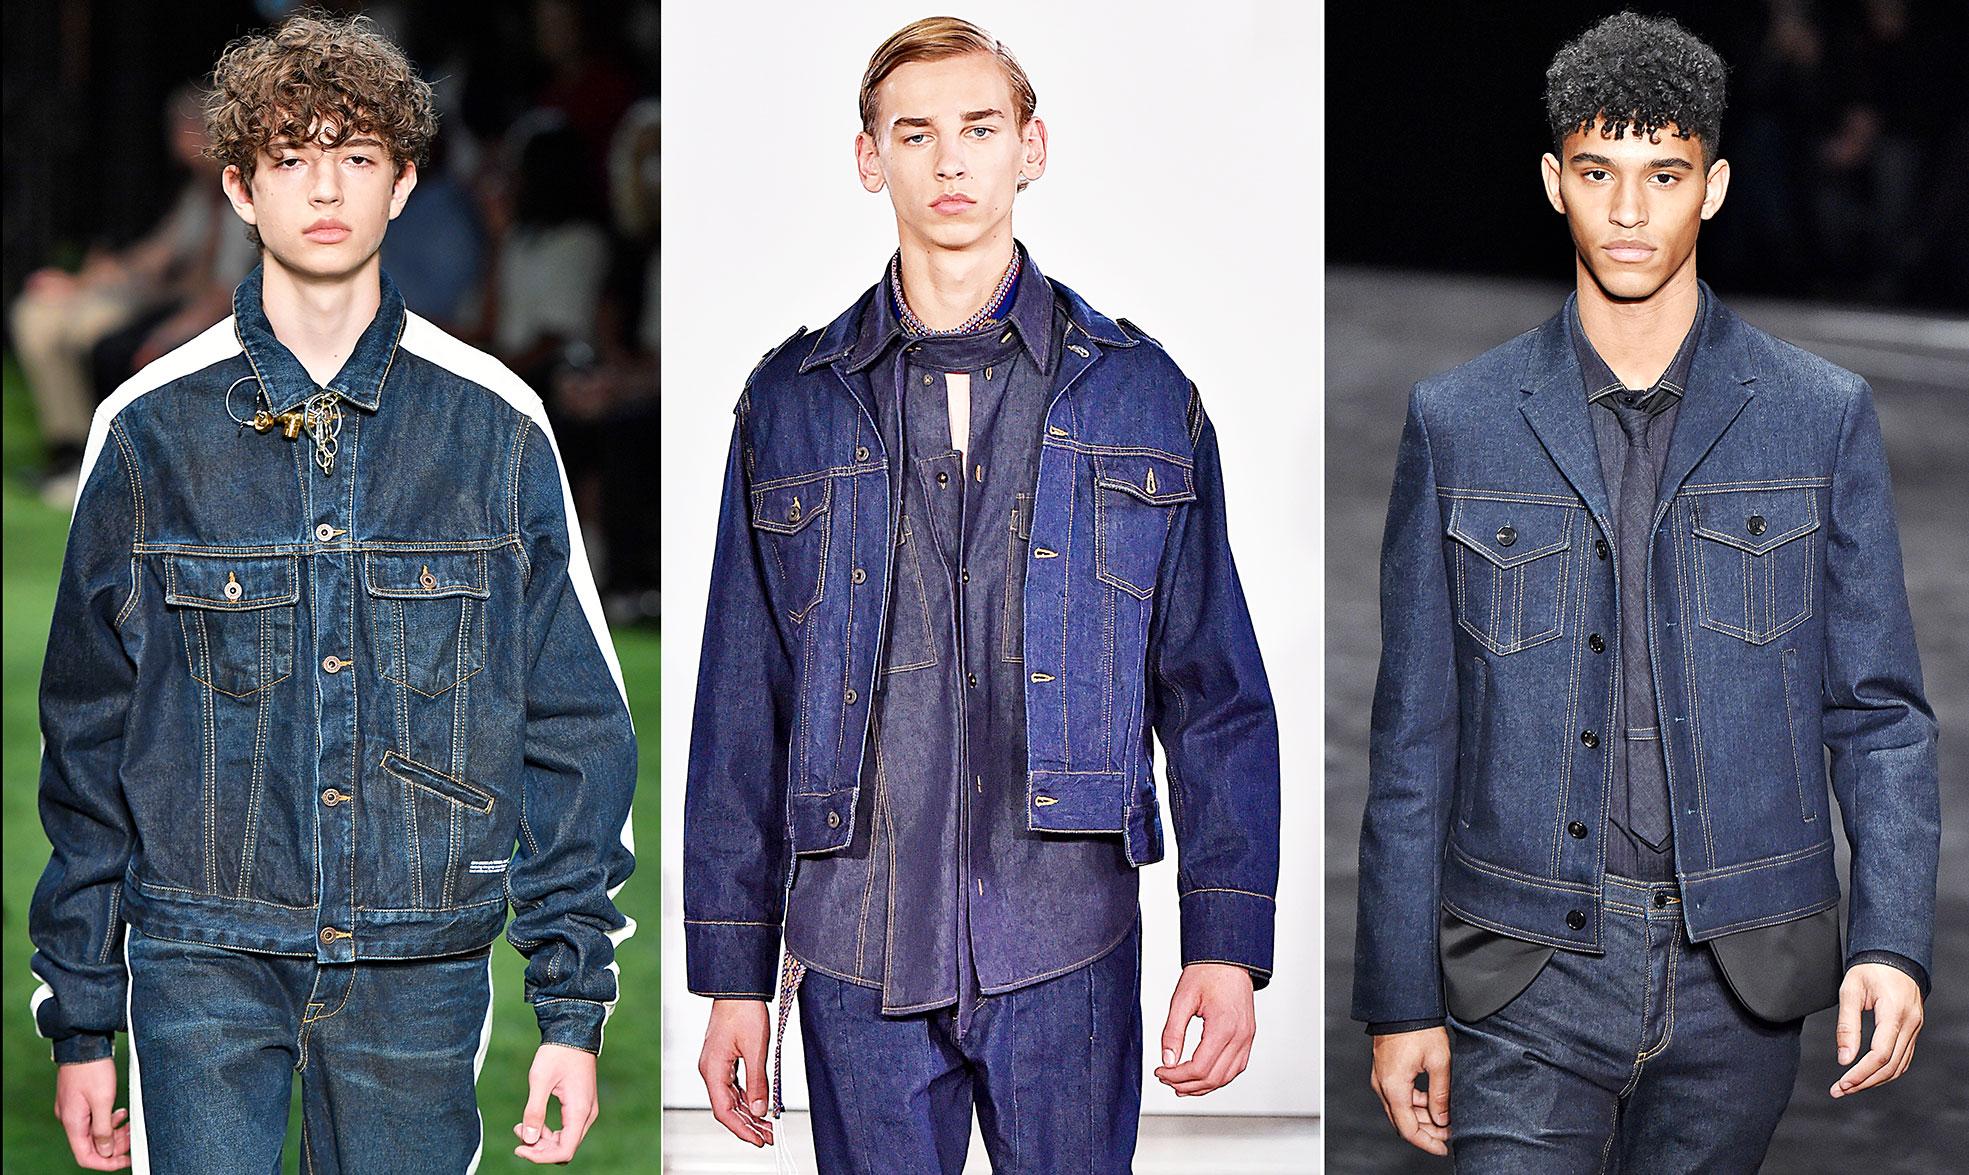 Jeansjacken auf dem Menswear Runway